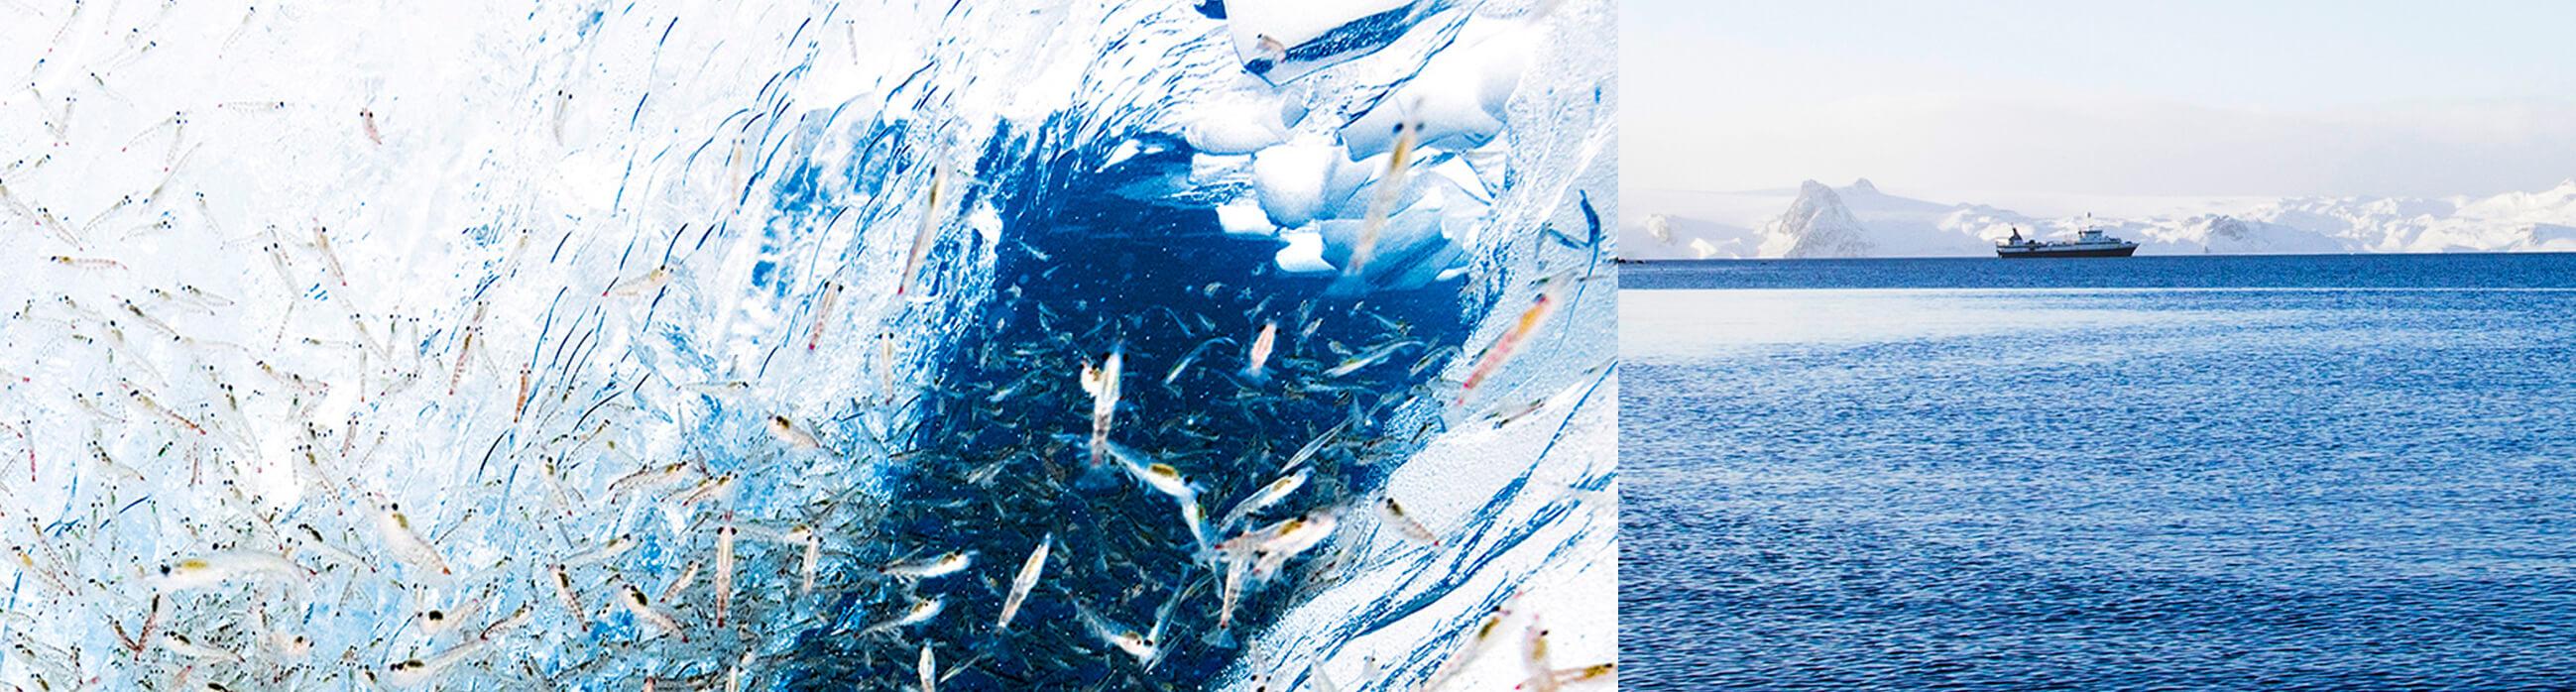 Qrill aqua - leading supplier of krill